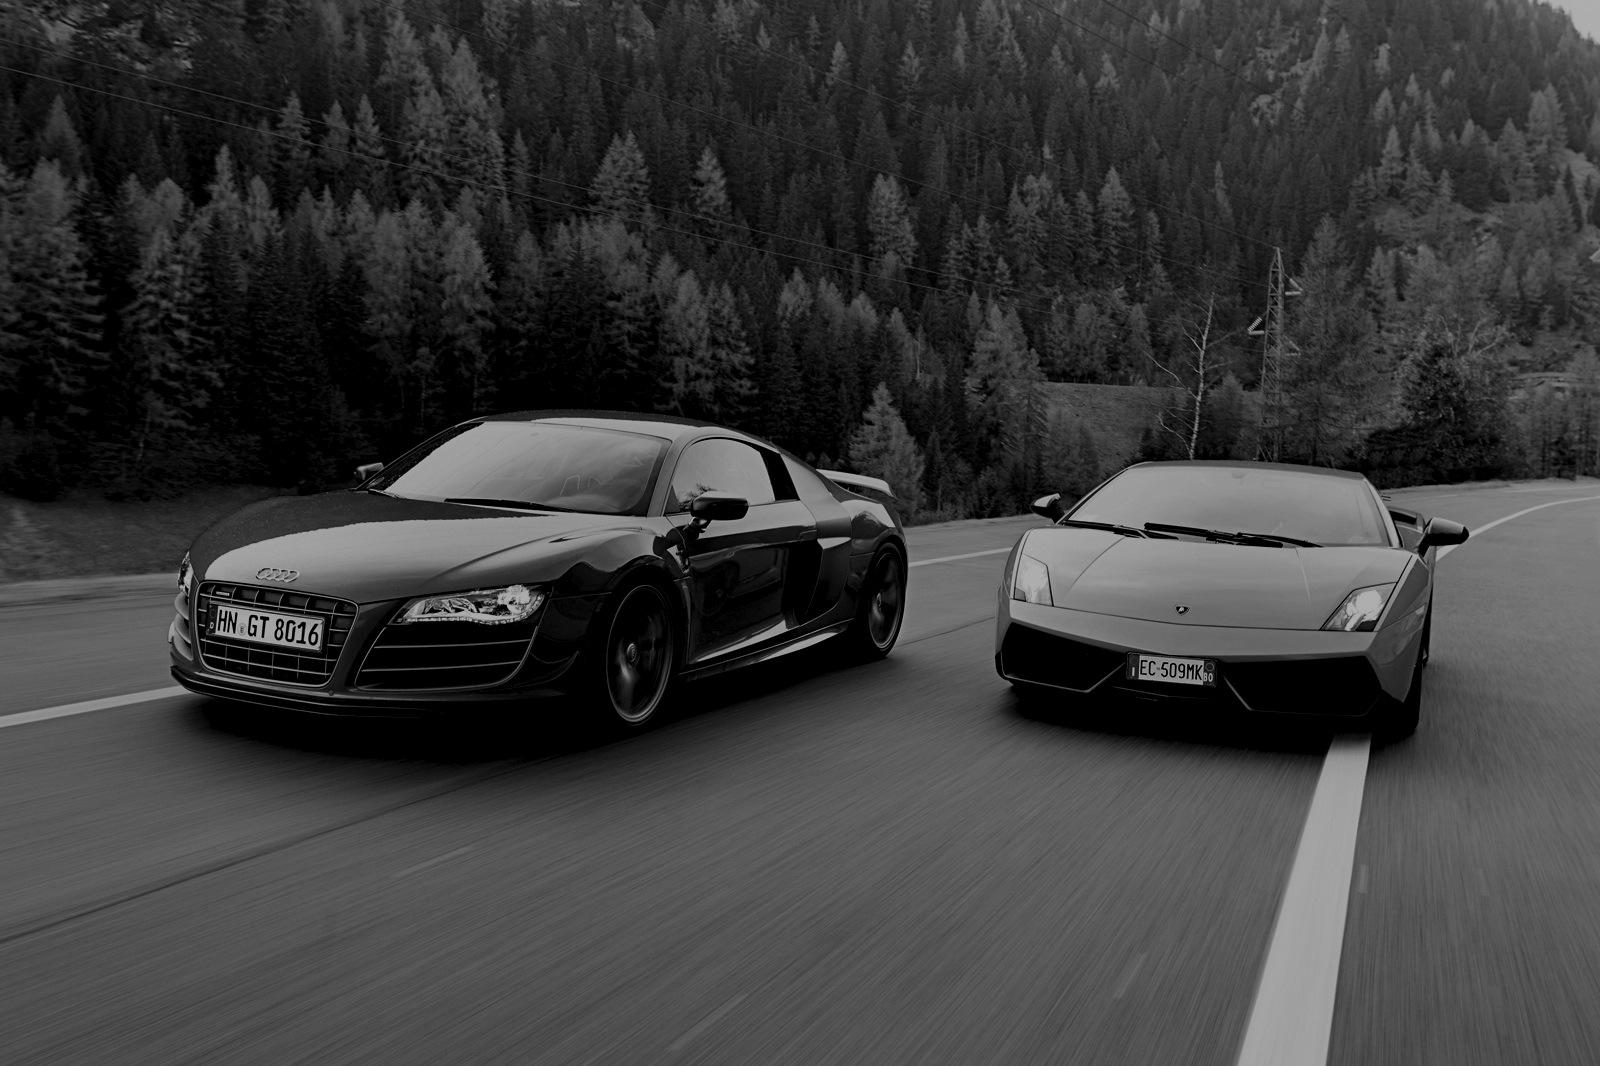 Audi R Gt IEDEI - Audi tumblr